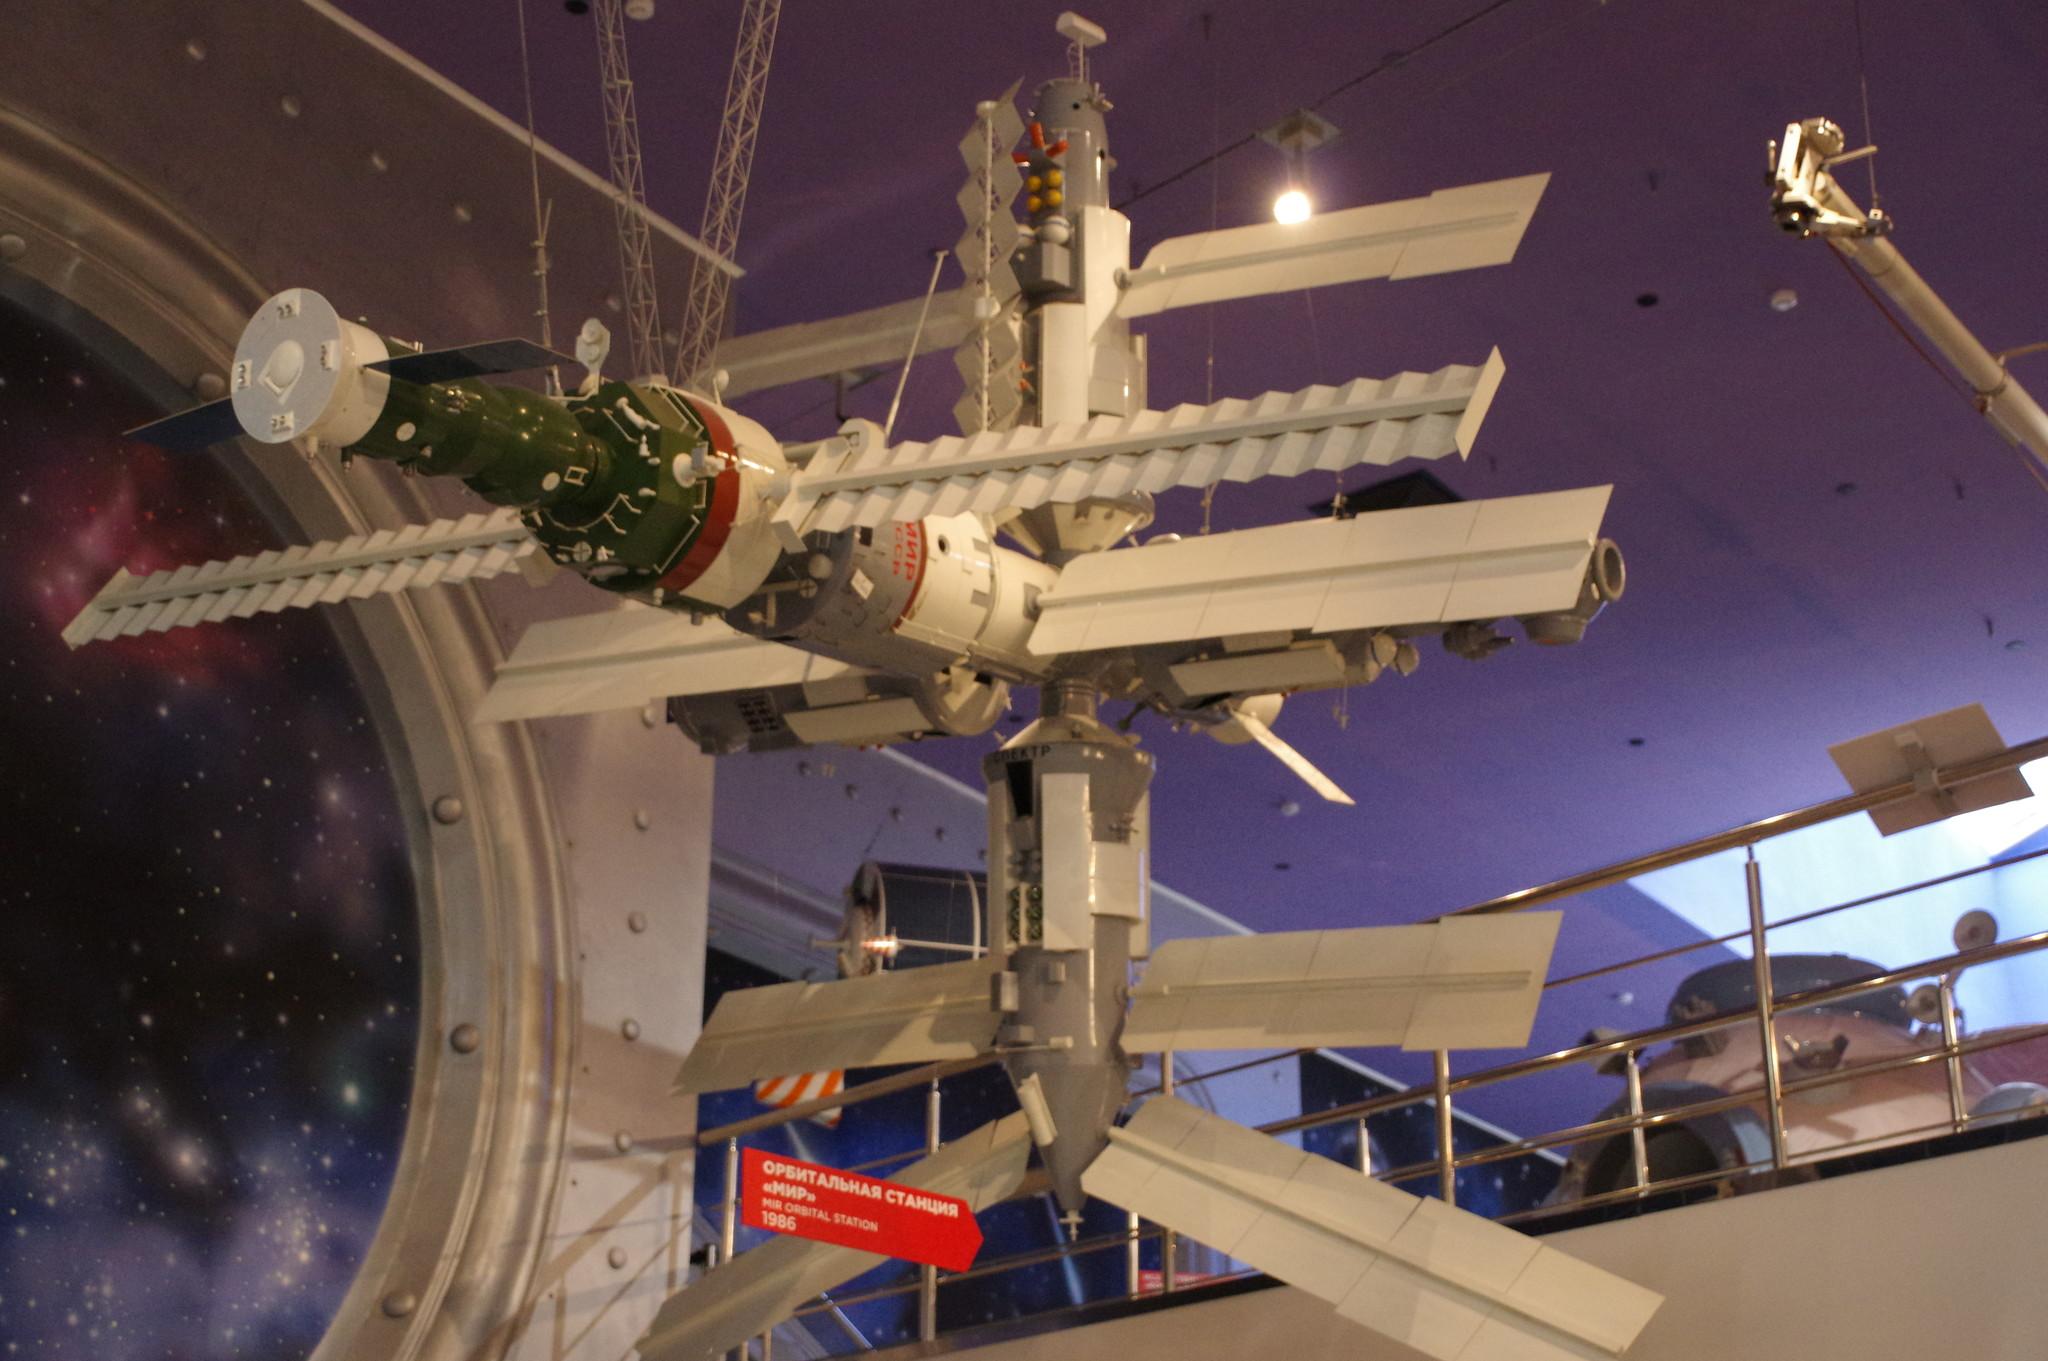 Орбитальная станция «Мир» макет М. 1:10 (на макете отсутствует стыковочный отсек для американского корабля «Спейс Шаттл»). Мемориальный музей космонавтики (Проспект мира, дом 111)